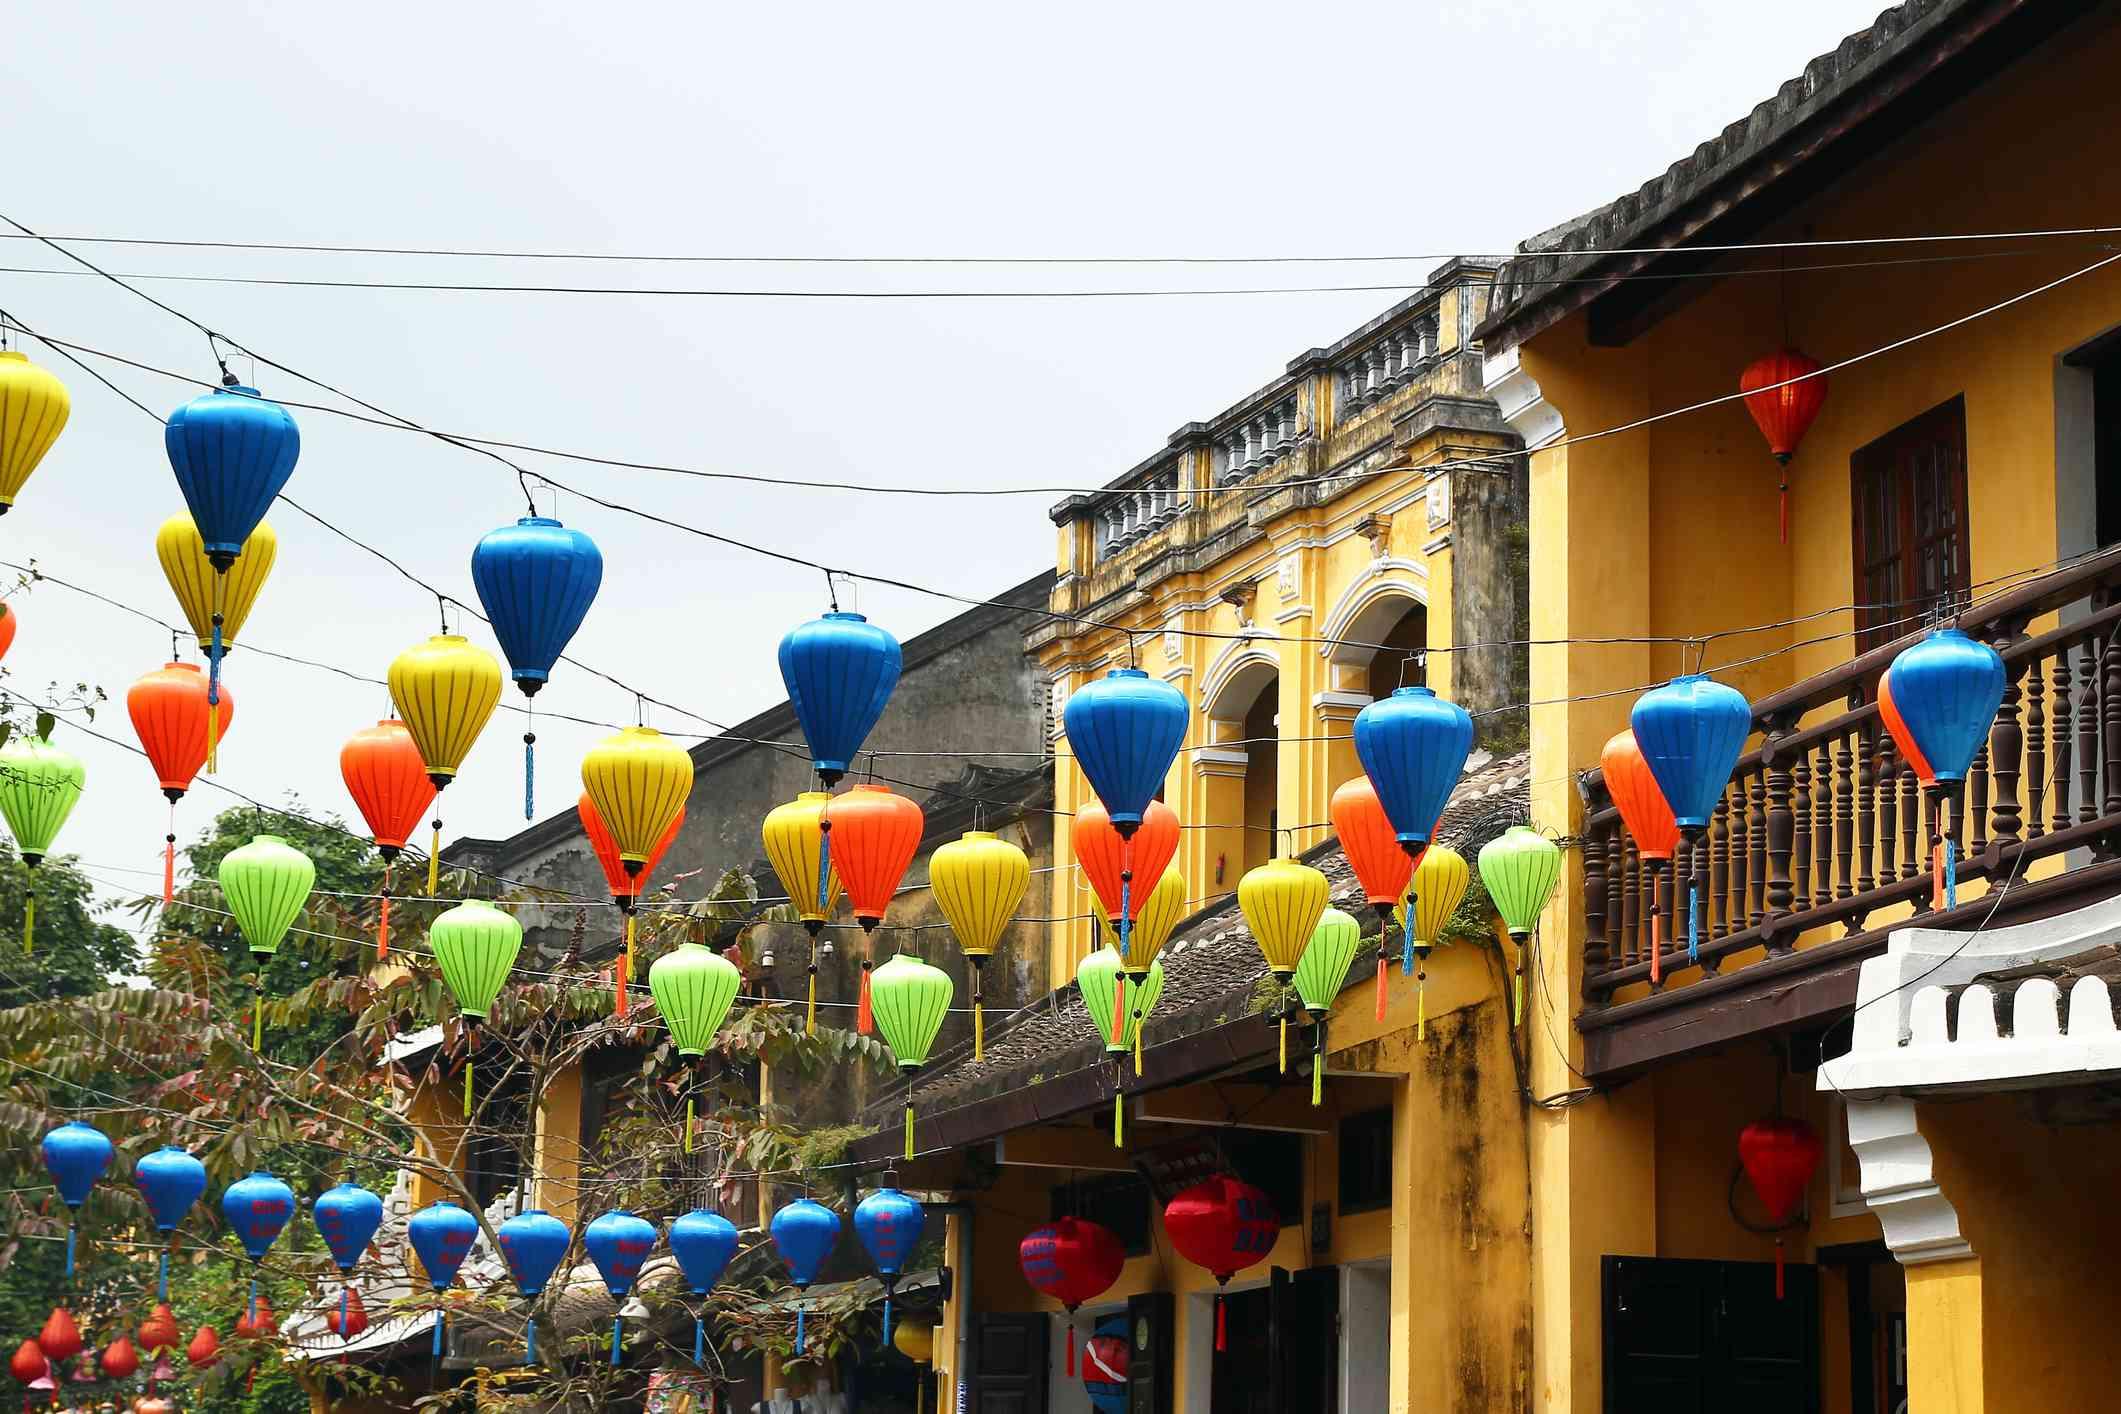 Lanterns for Tet in Hoi An, Vietnam